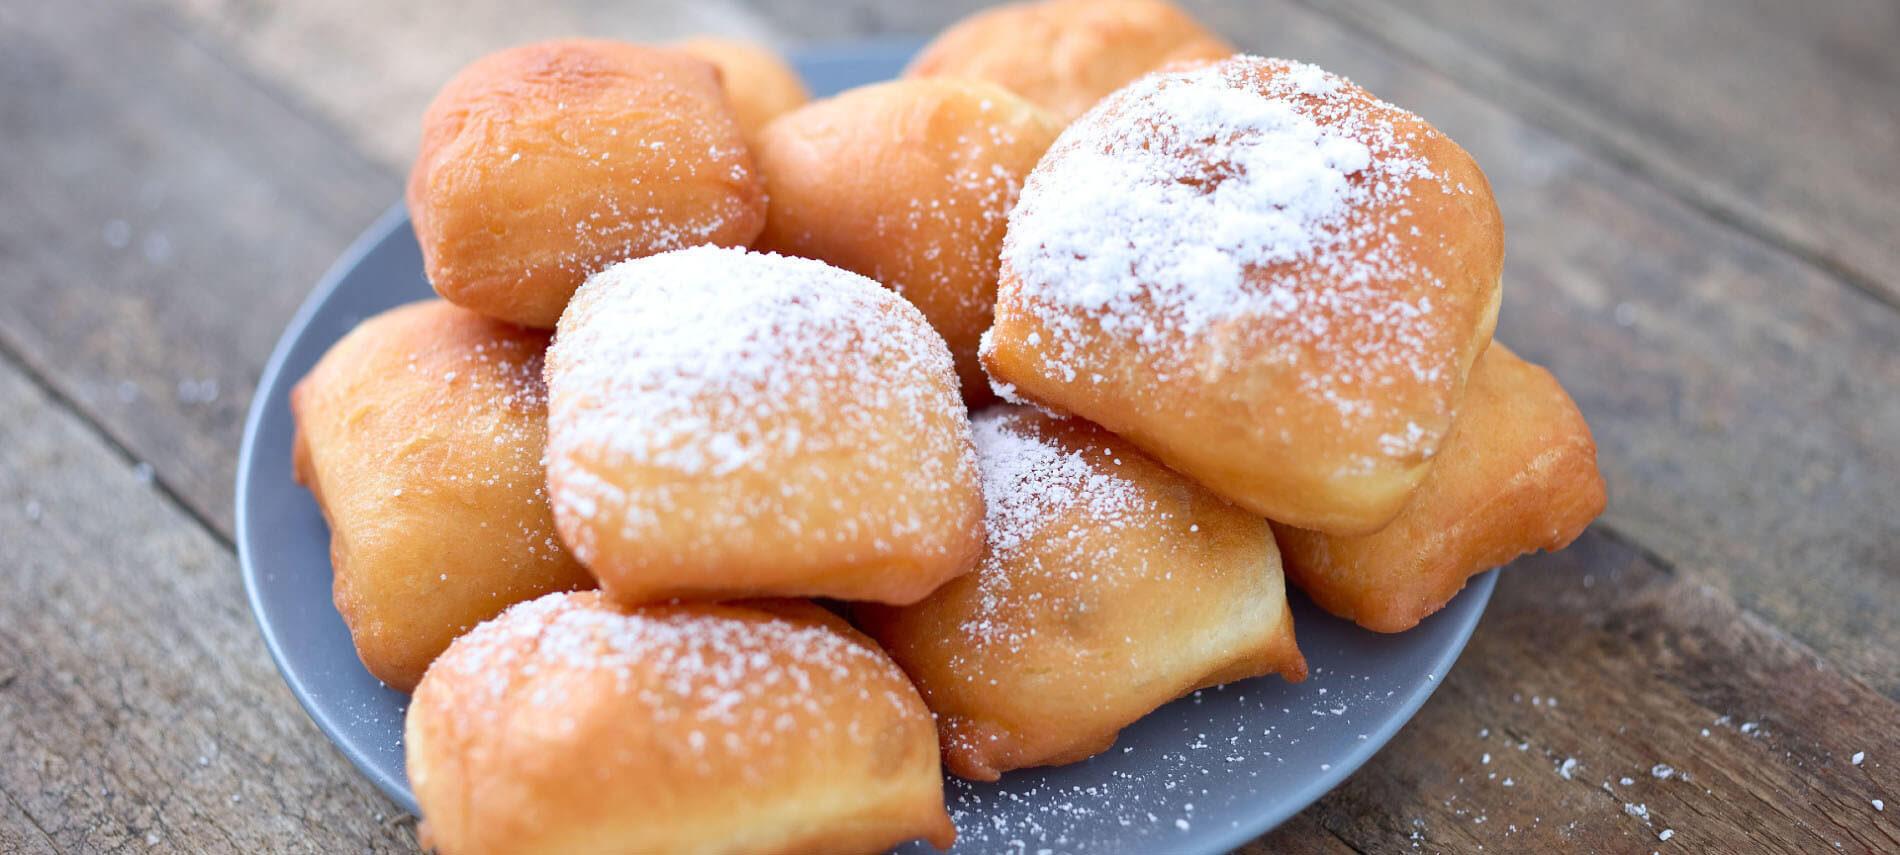 Beignets with powdered sugar